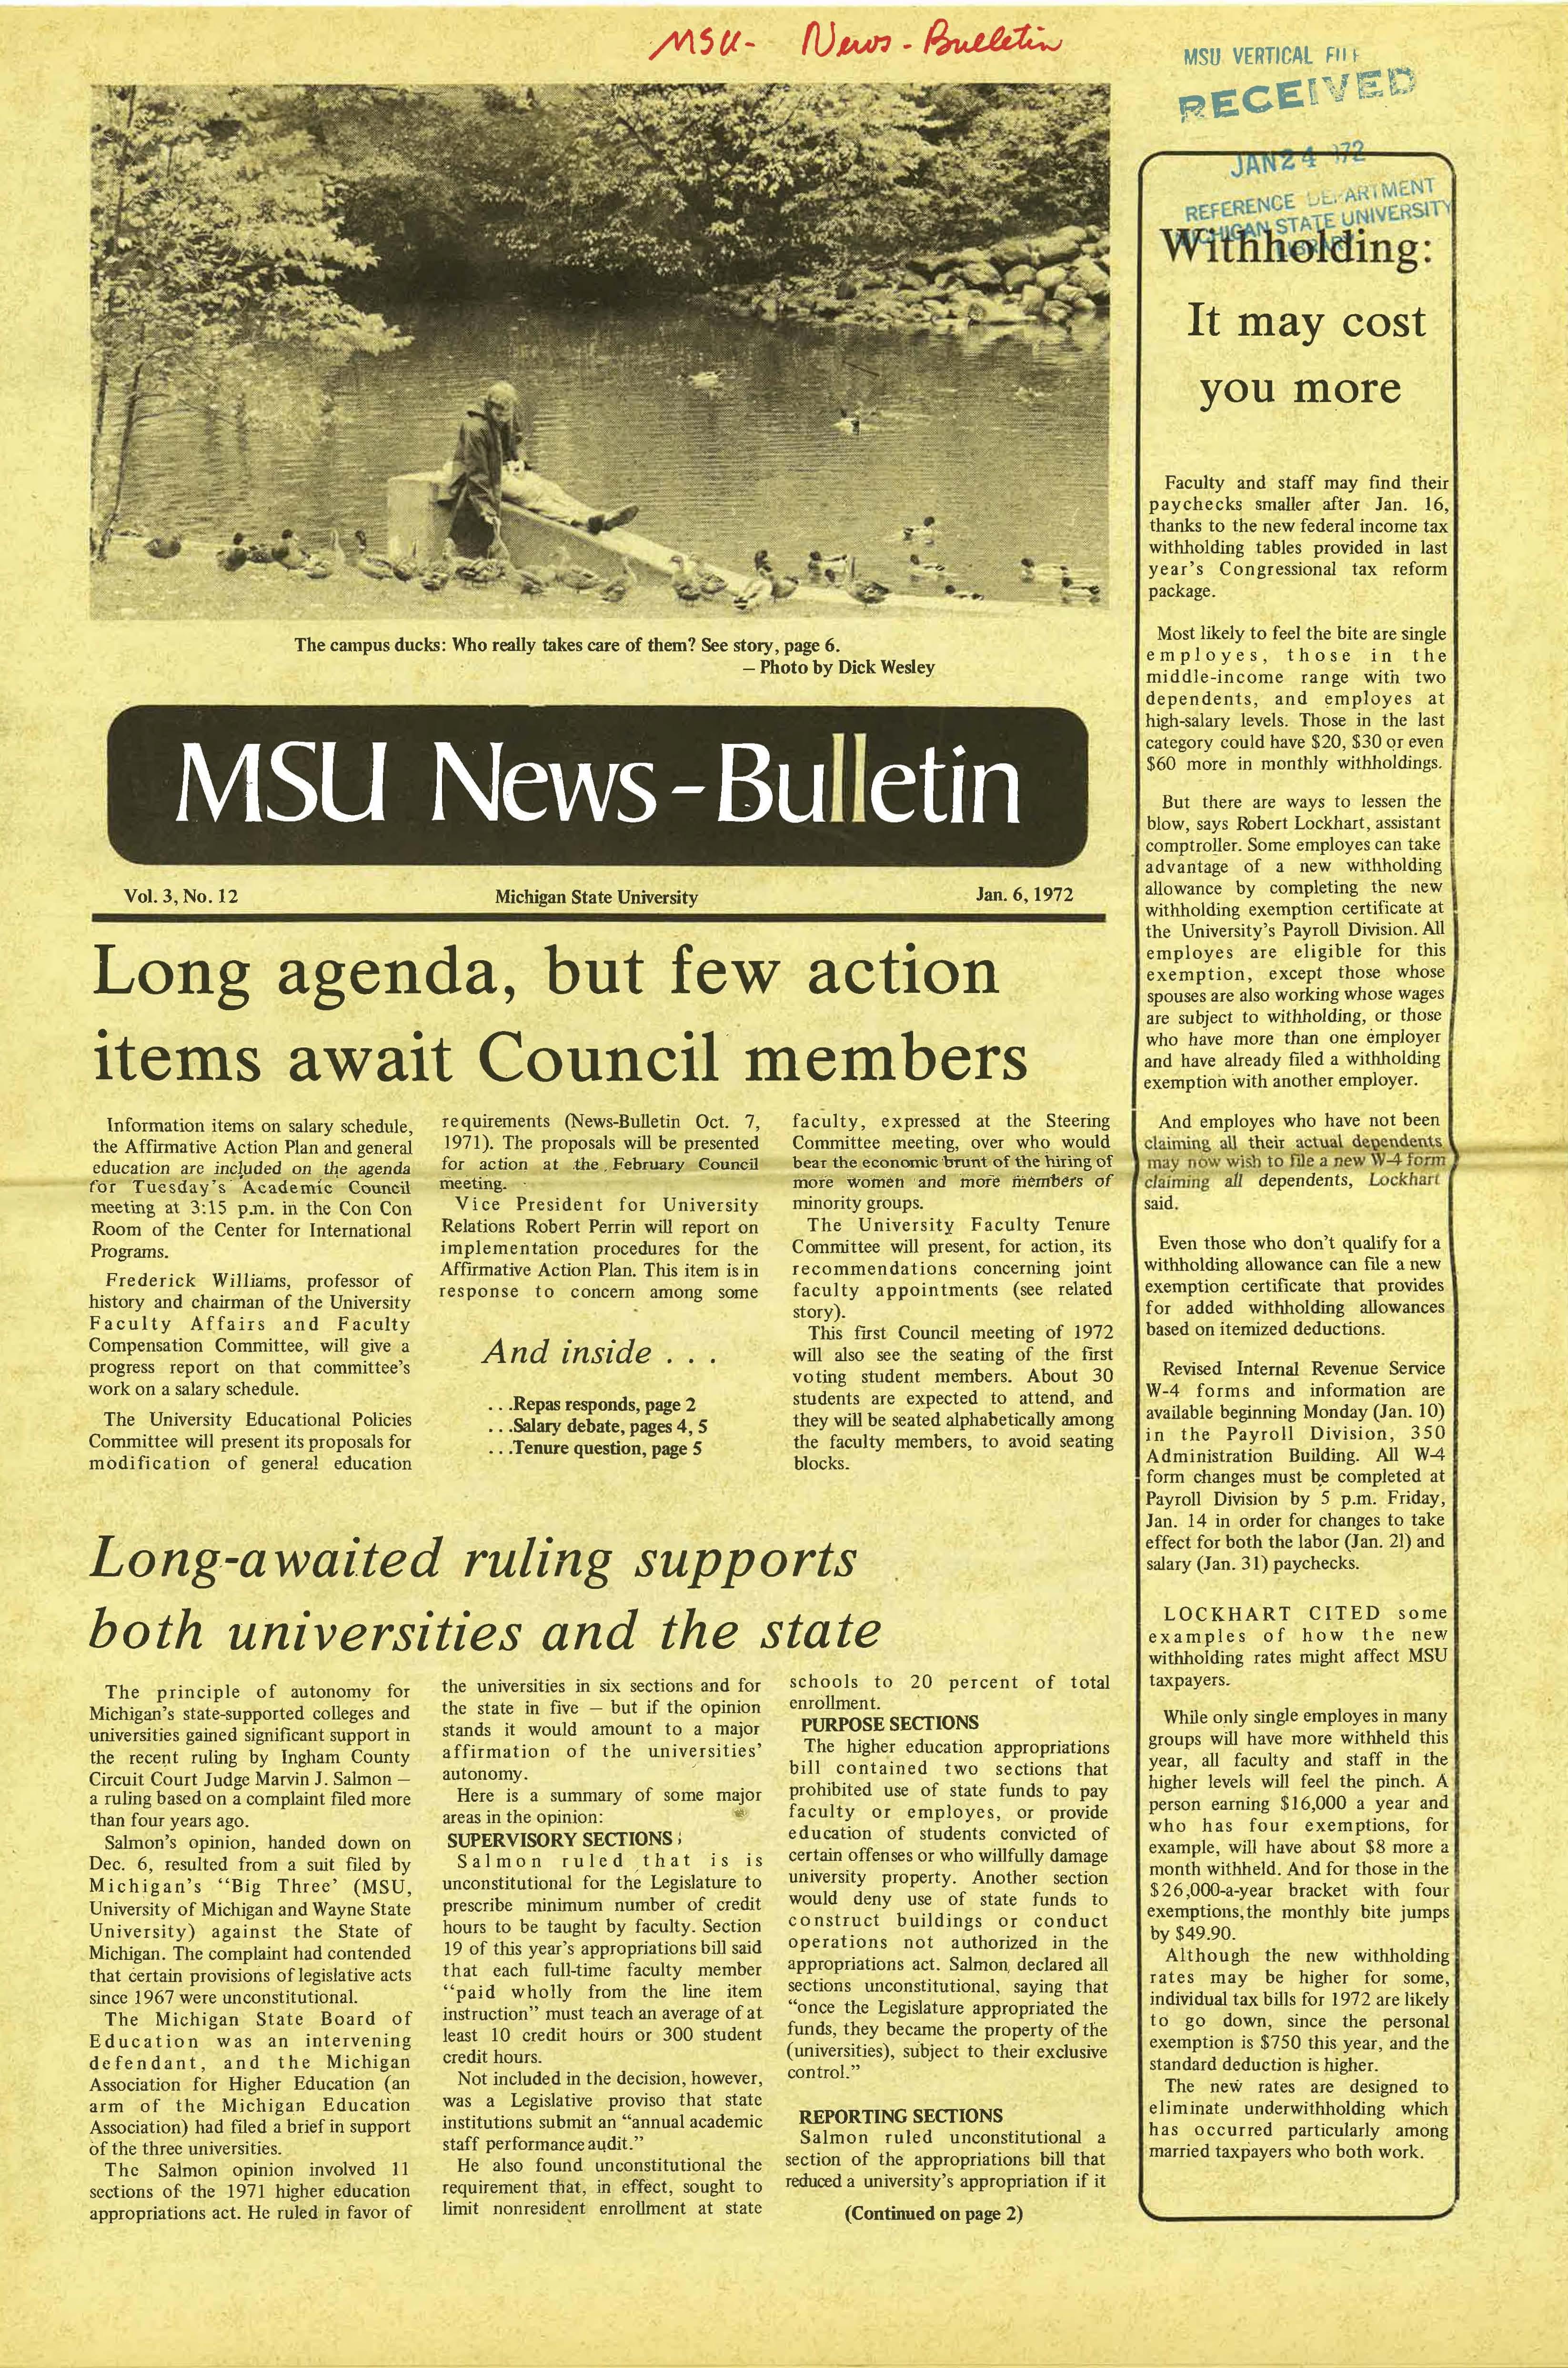 MSU News Bulletin, vol. 3, No. 23, April 6, 1972